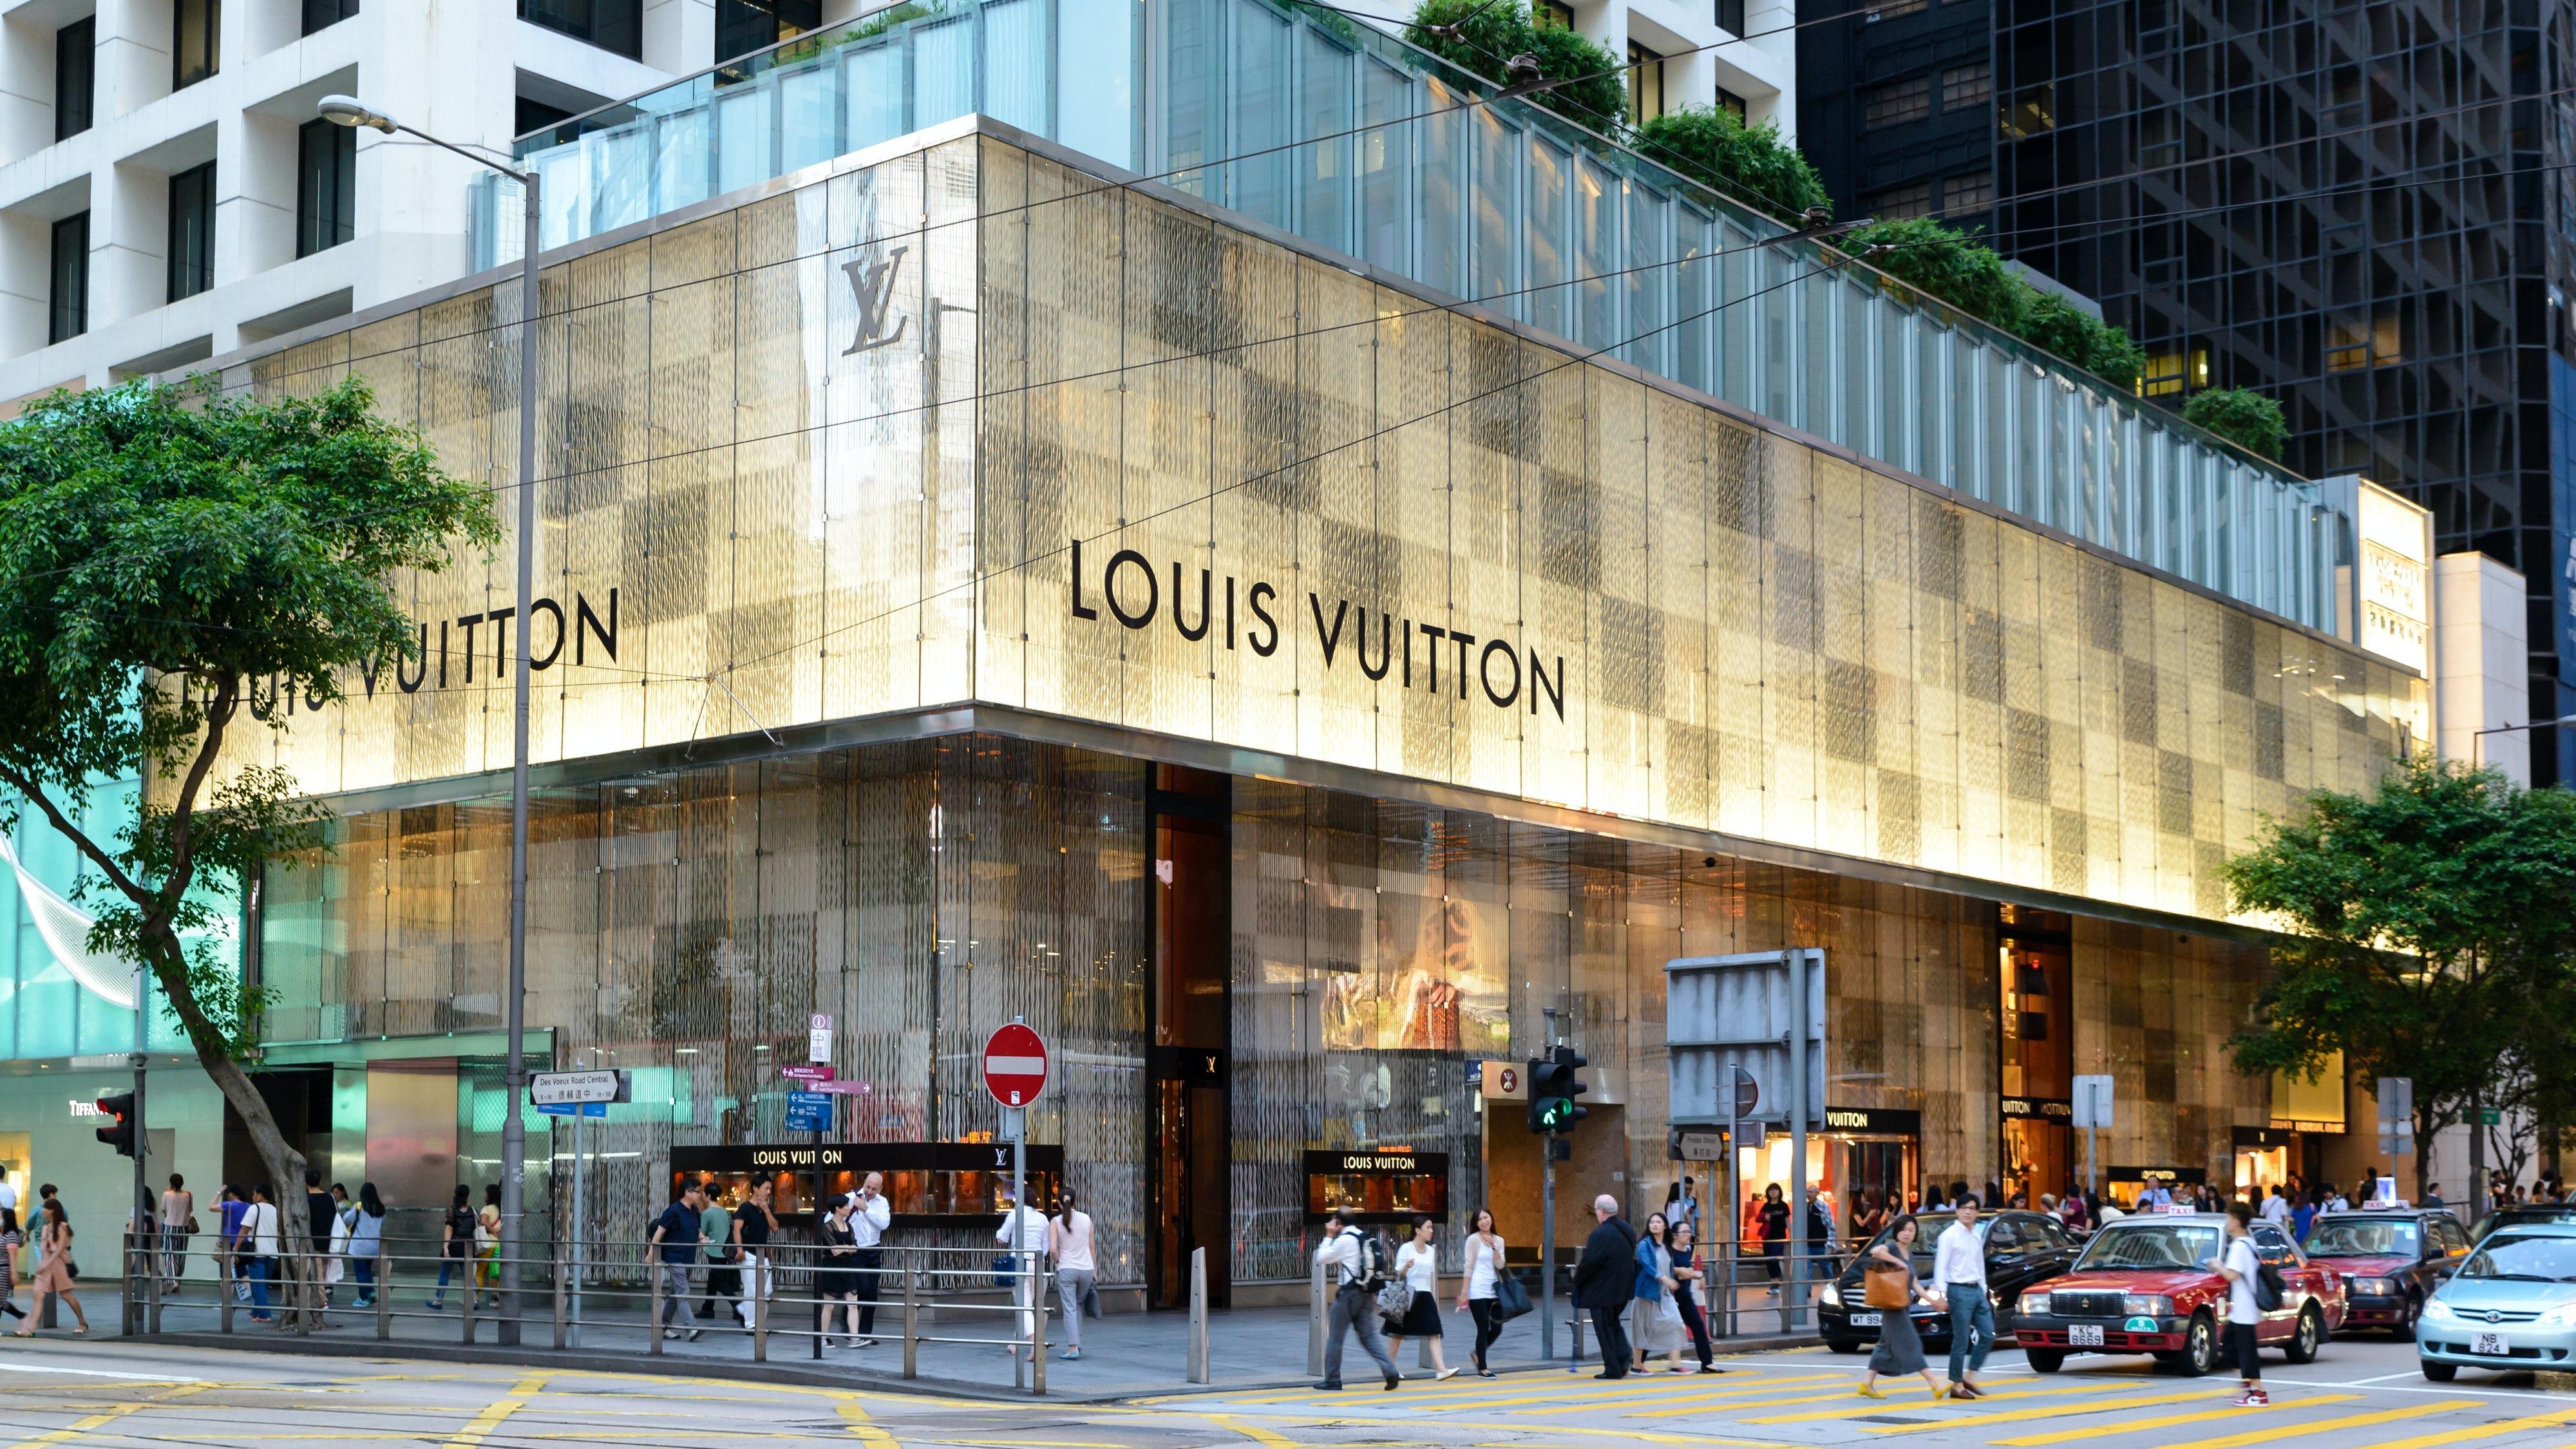 A Louis Vuitton store in Hong Kong. Shutterstock.